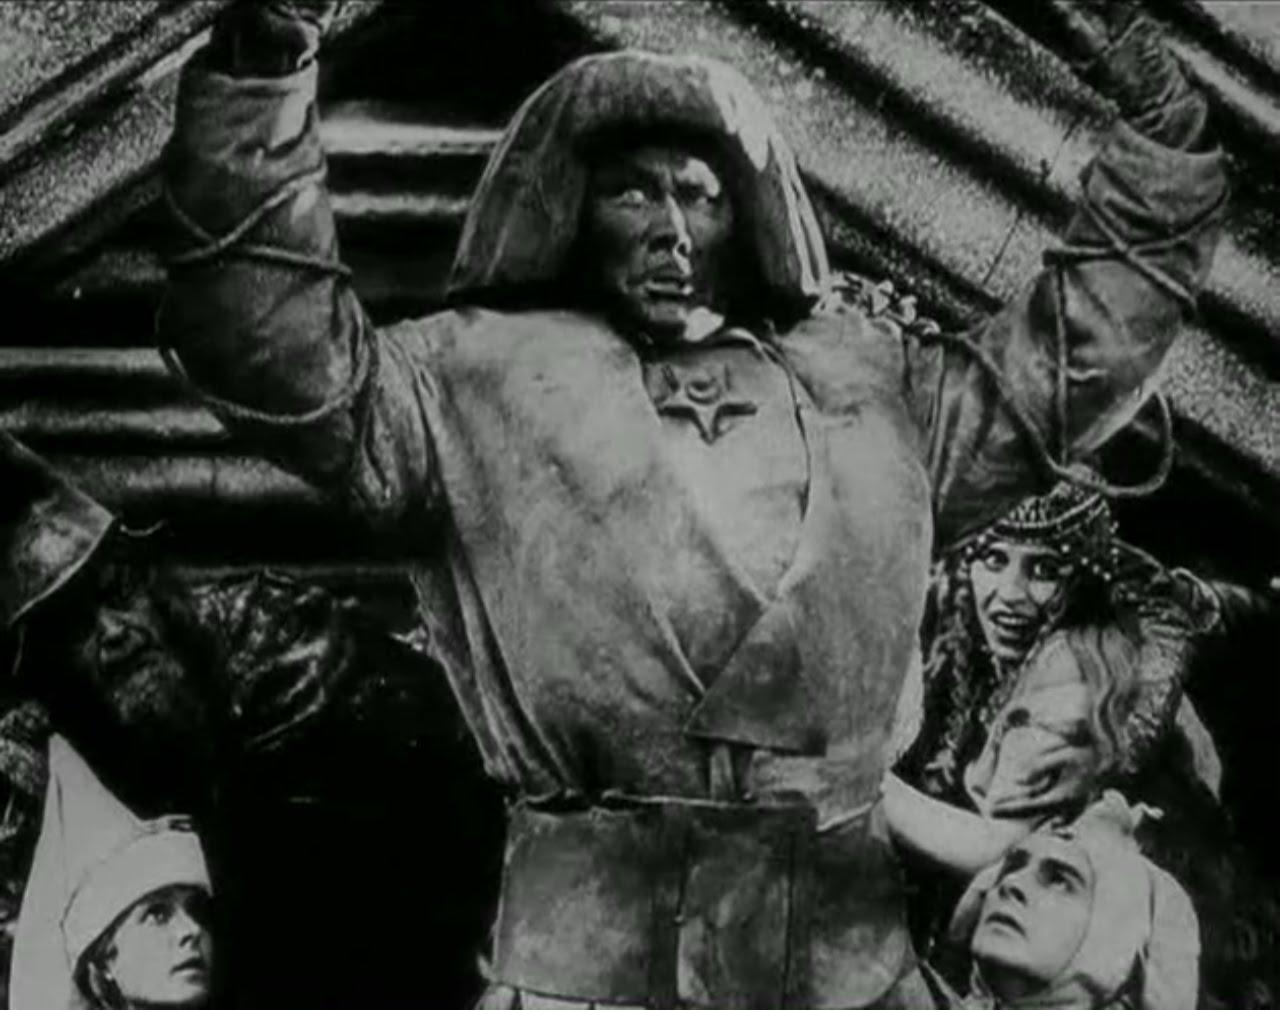 Le Golem, un film de Paul Wegener et Carl Boese , 1920. Il raconte l'histoire d'un rabbin qui fabrique un monstre dans l'espoir d'en faire son serviteur mais aussi le sauveur de la communauté juive.